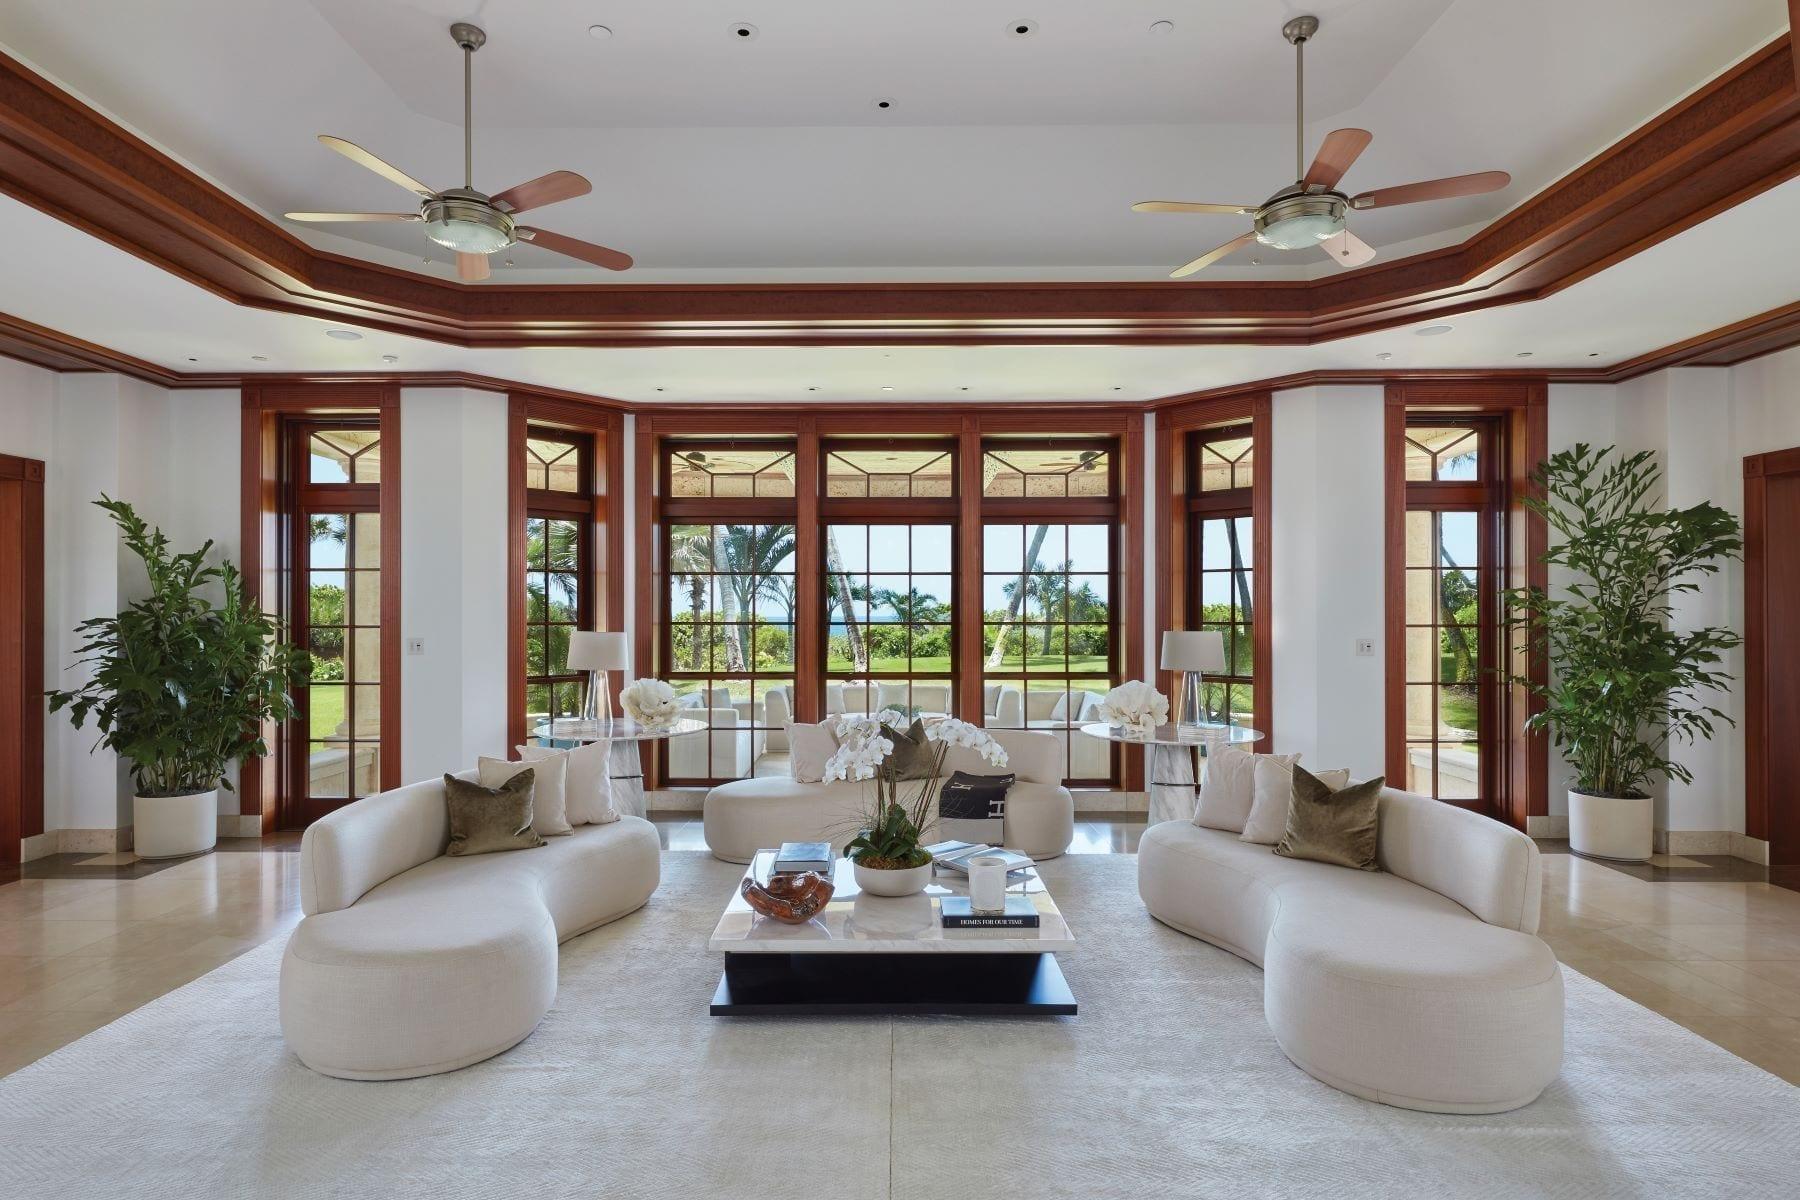 1253i215 ky3h02d9xyex4p2pcsekzhbfn2i215 - Top 3 proprietăți americane ce pot fi cumpărate cu 100 de milioane de dolari